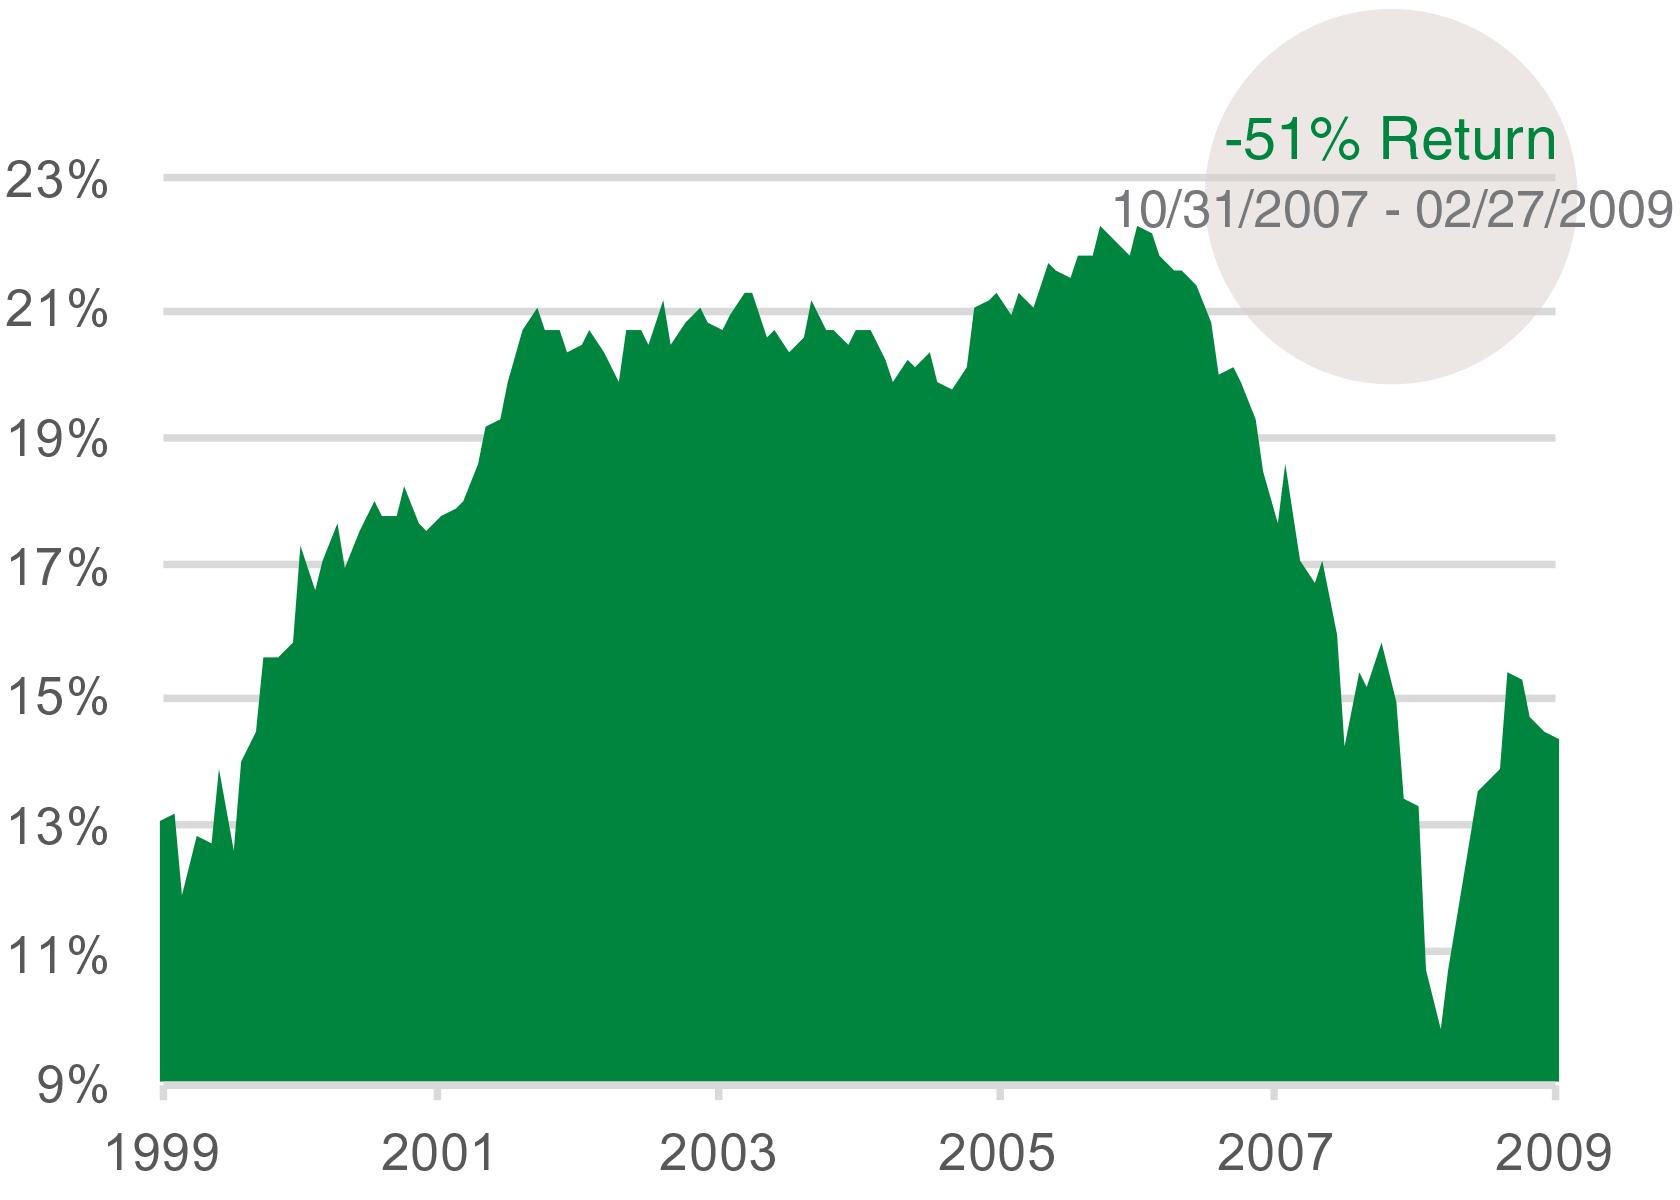 Financials Weighting: S&P 500